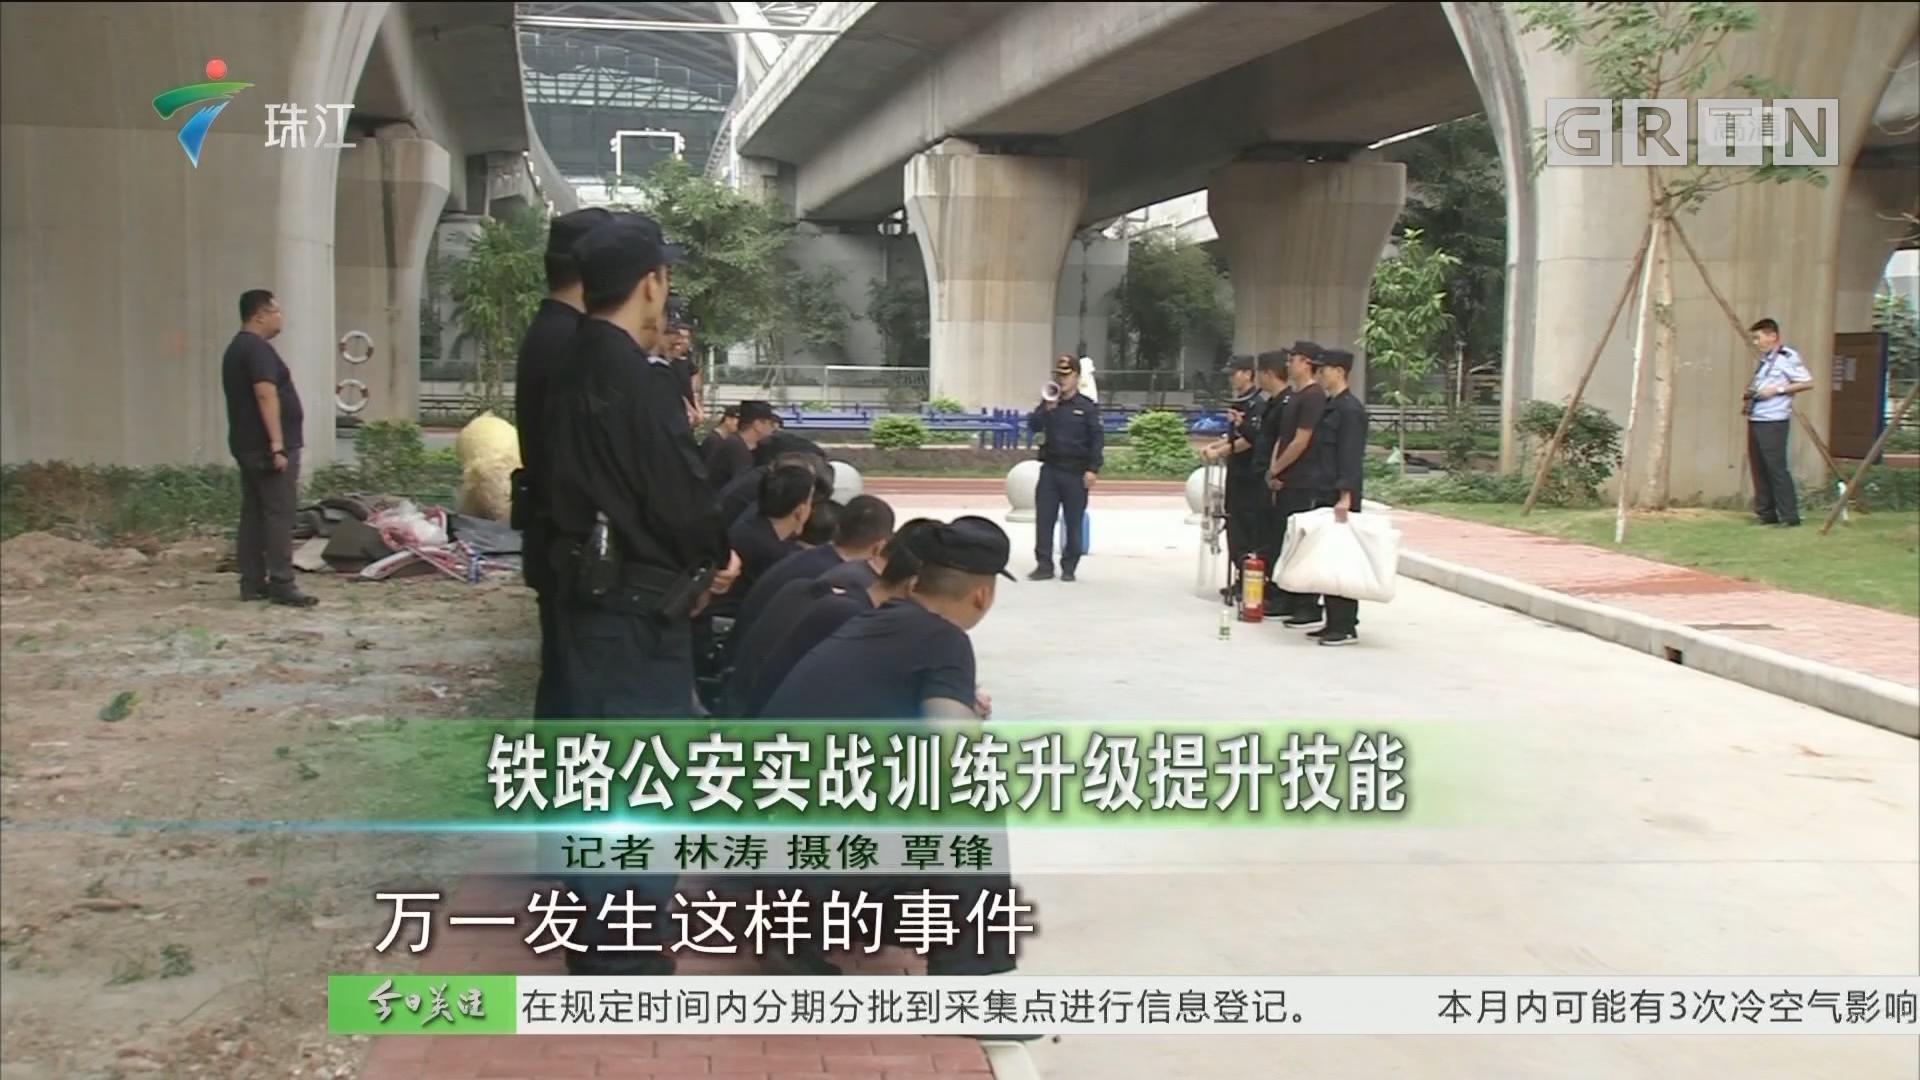 铁路公安实战训练升级提升技能